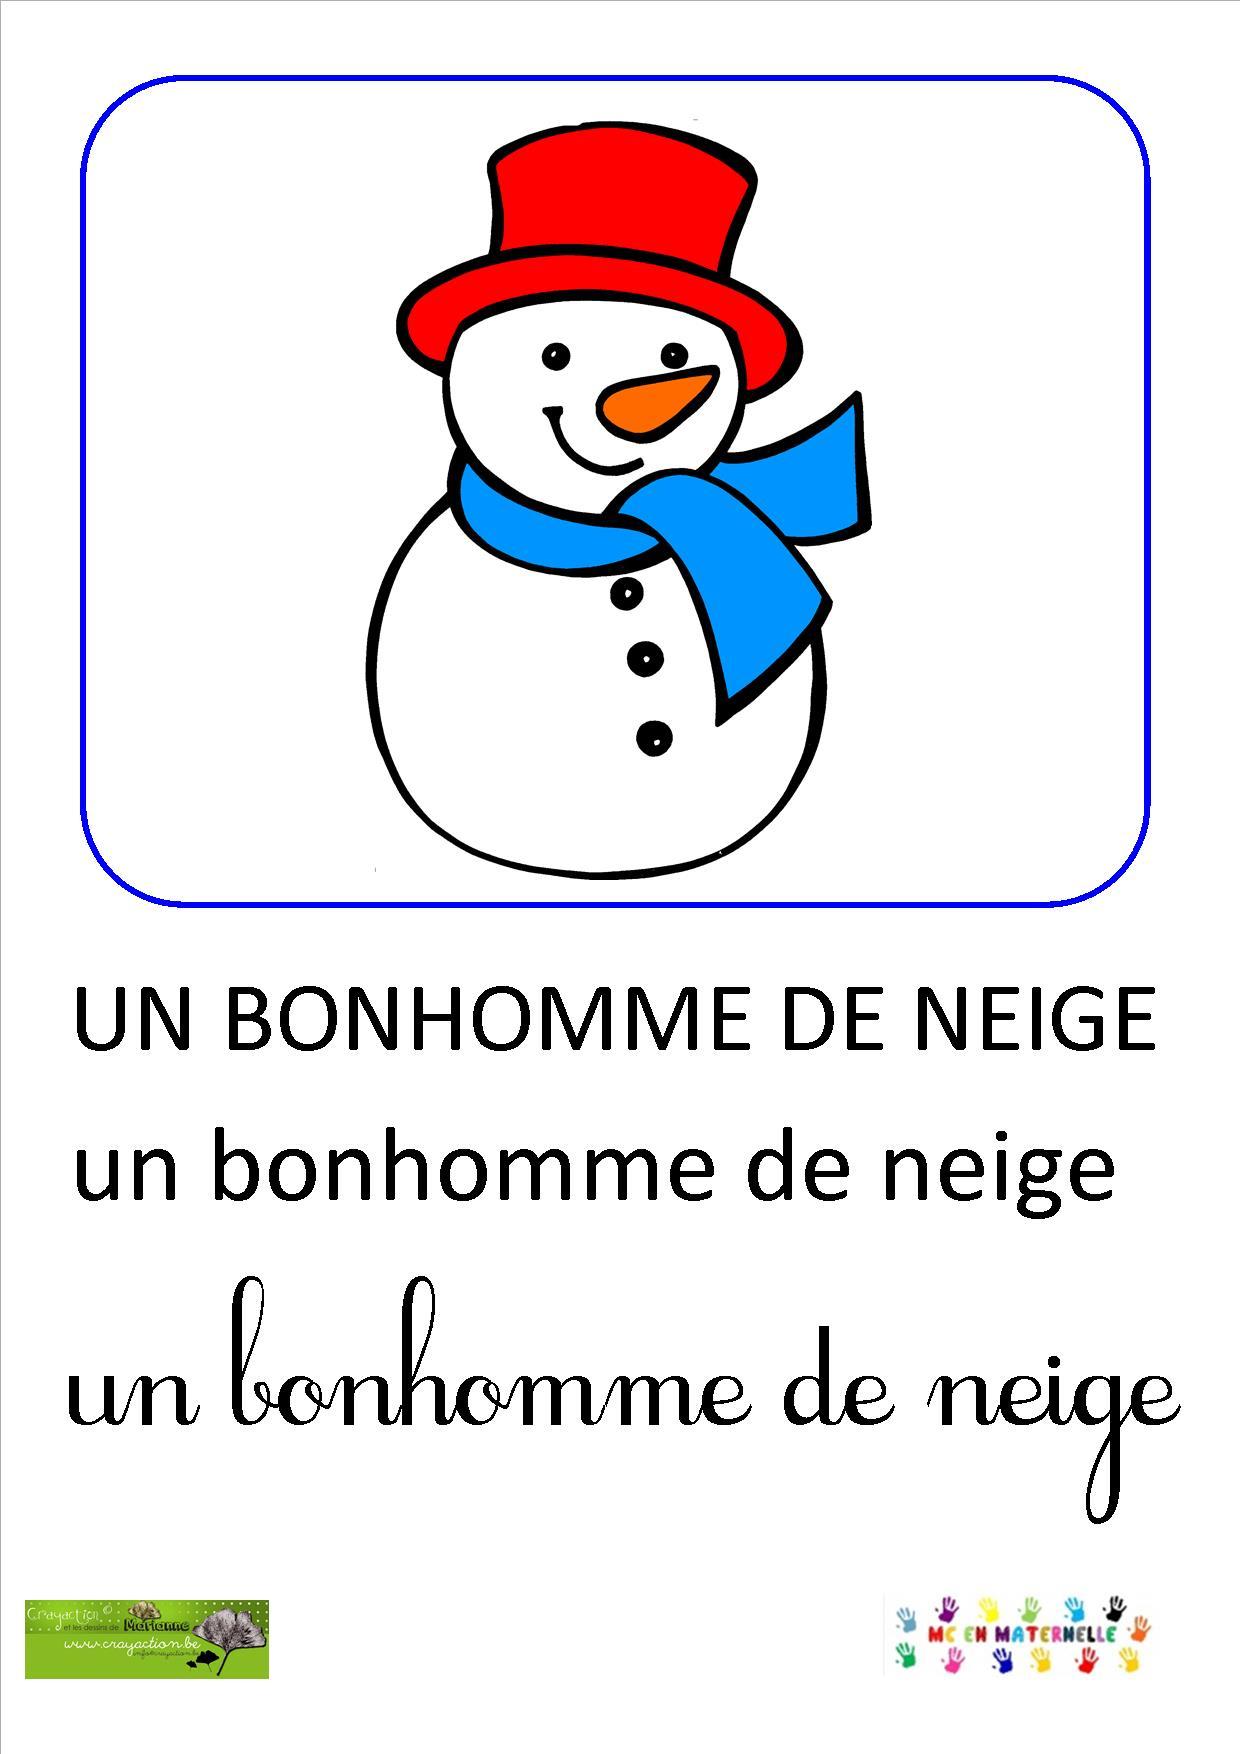 Noyeux Joël : Imagier De Noël – Mc En Maternelle intérieur Imagier Noel Maternelle